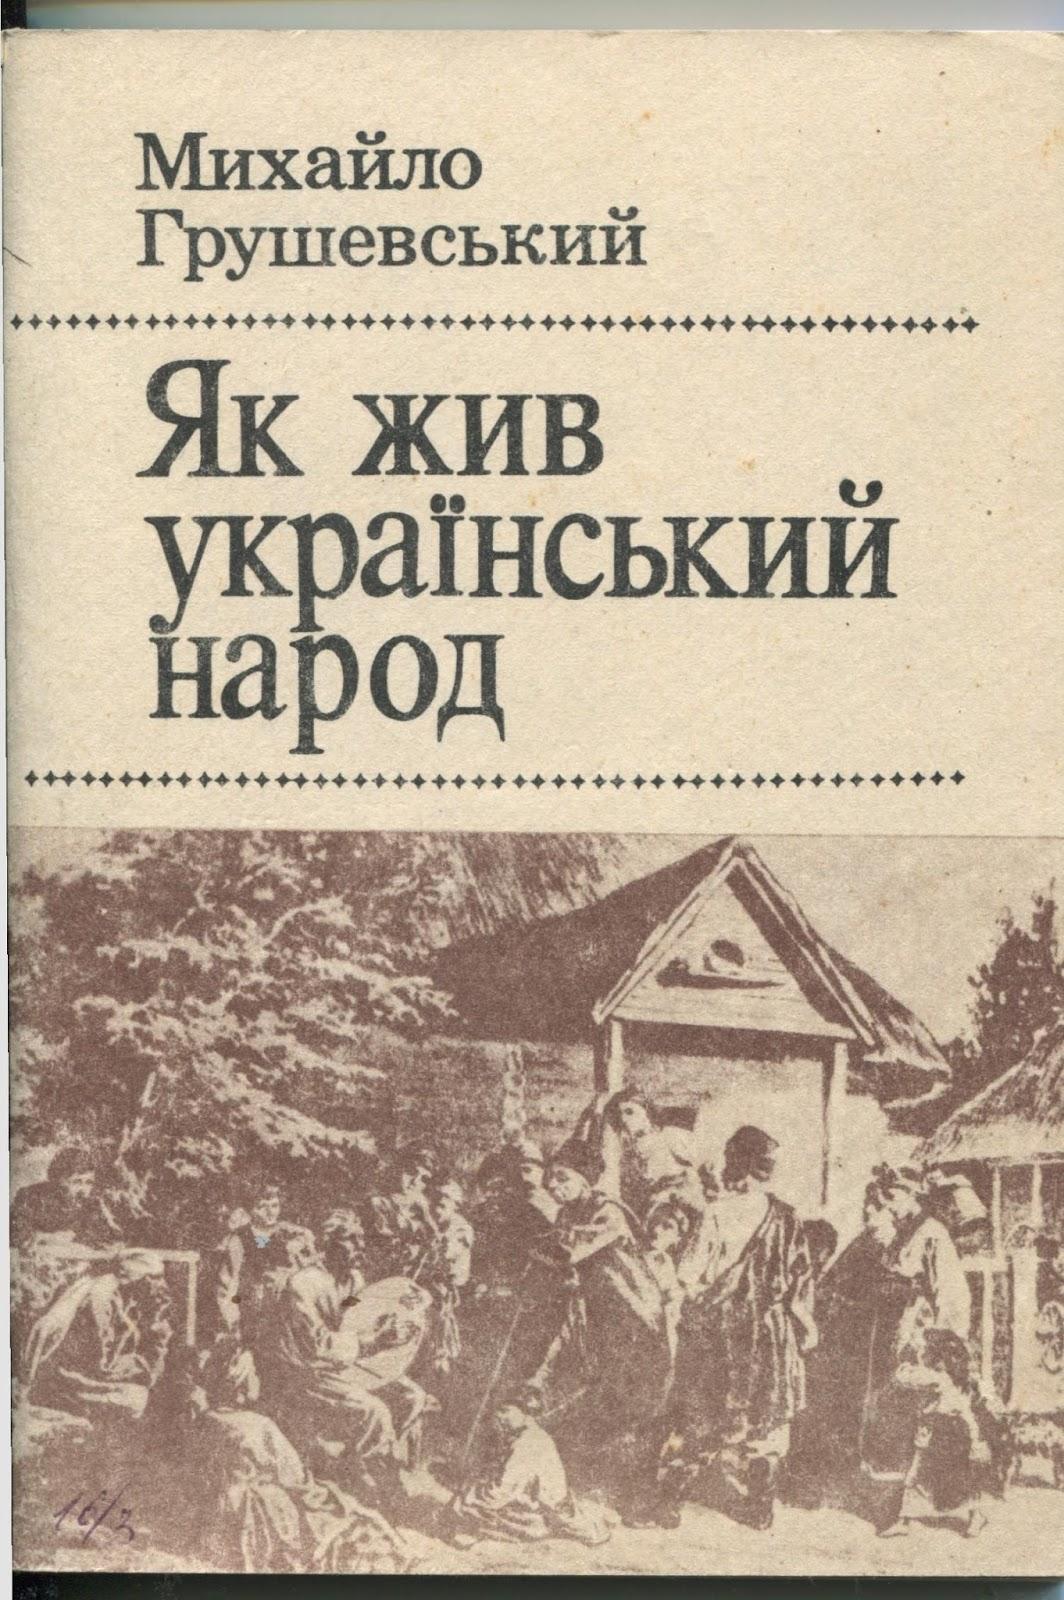 Фото літопису м гунашевського фото 379-363